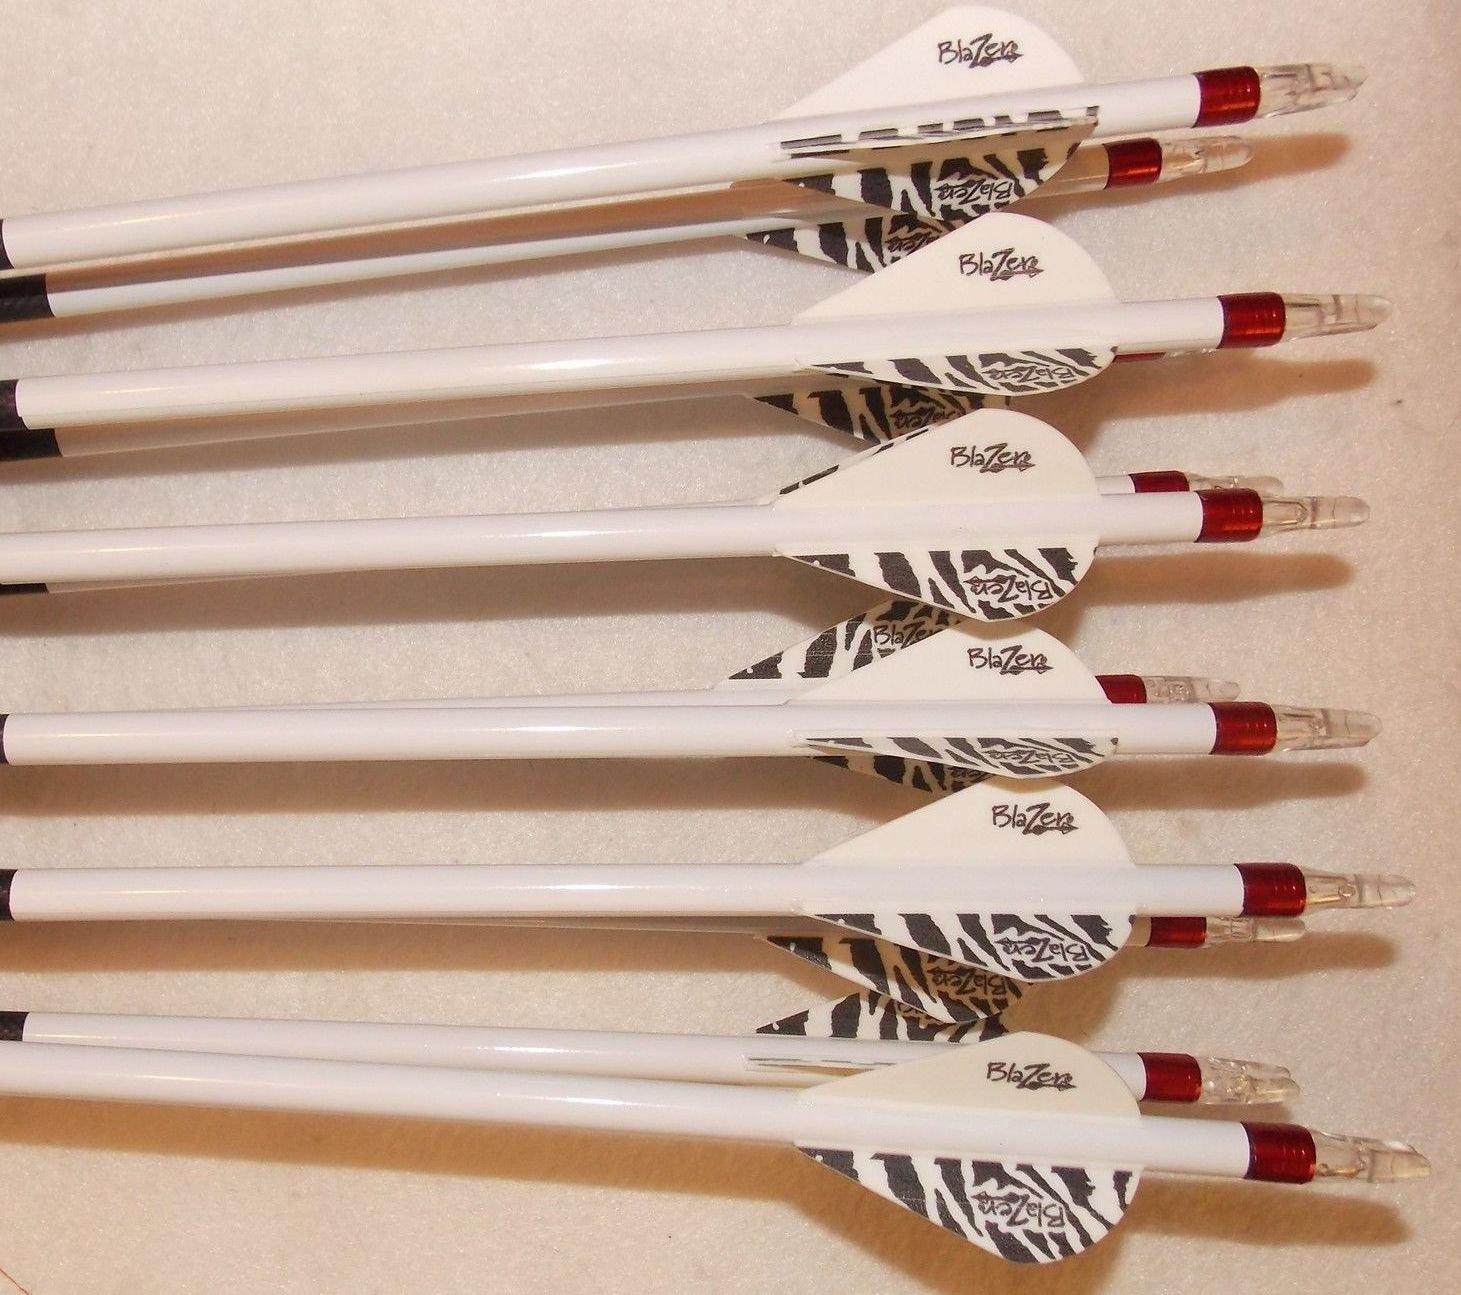 Carbon Express Maxima BLU RZ 350 Carbom Arrows w/Blazer Vanes Bullseye Wraps 1 Dz.